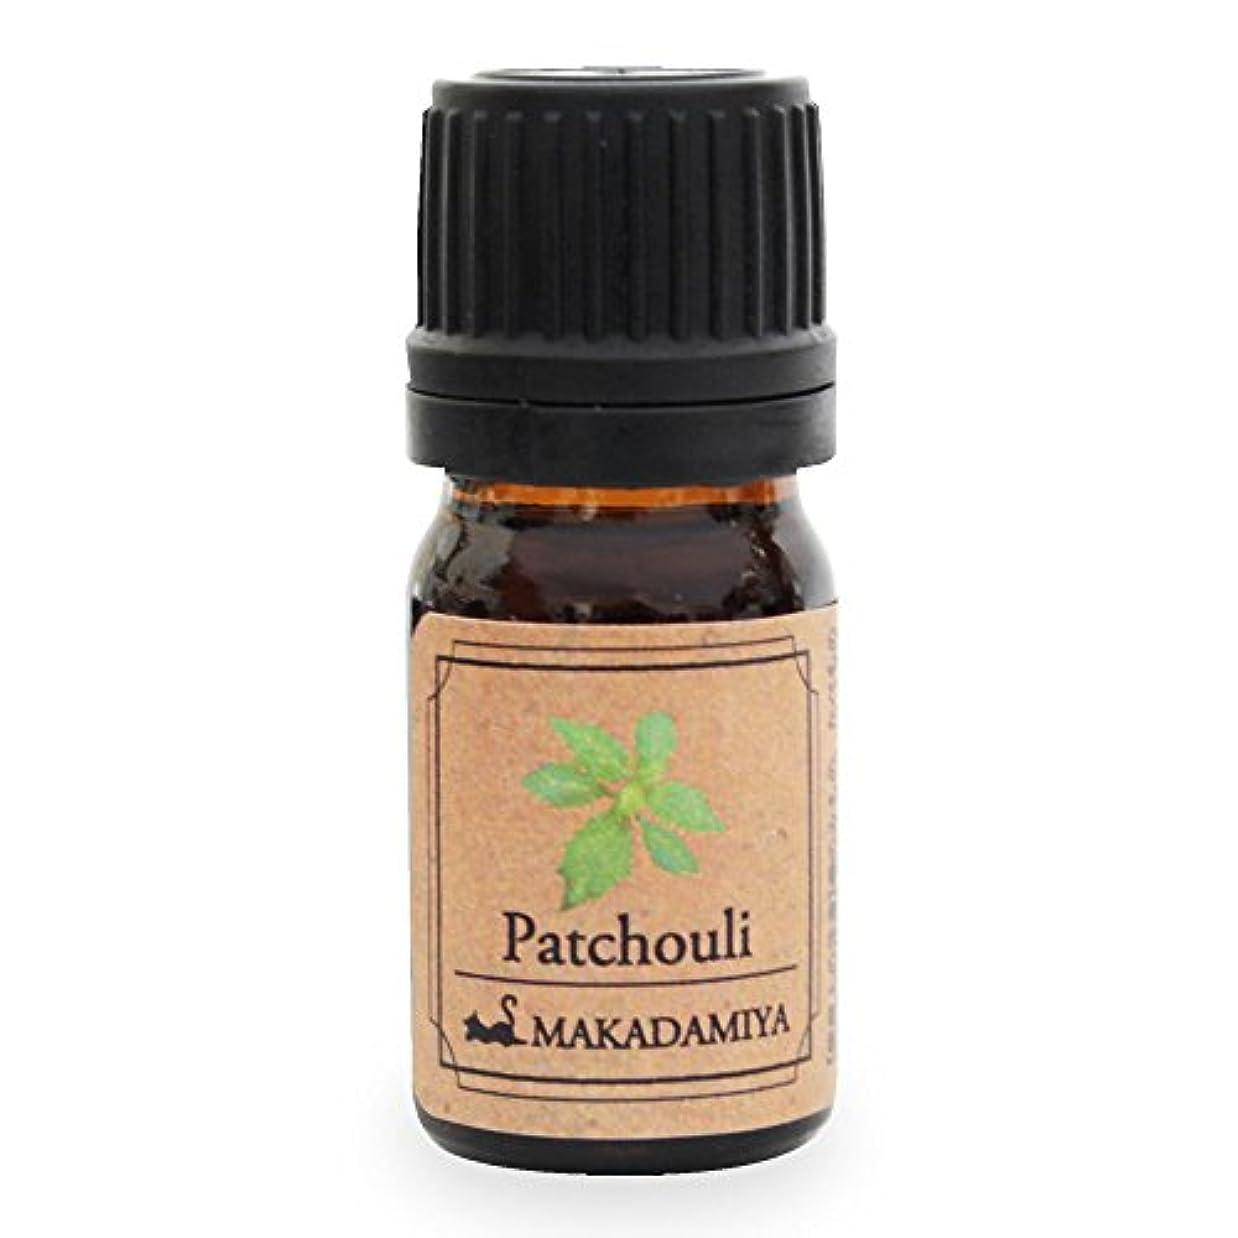 アクション物思いにふける相対サイズパチュリ5ml 天然100%植物性 エッセンシャルオイル(精油) アロマオイル アロママッサージ aroma Patchouli